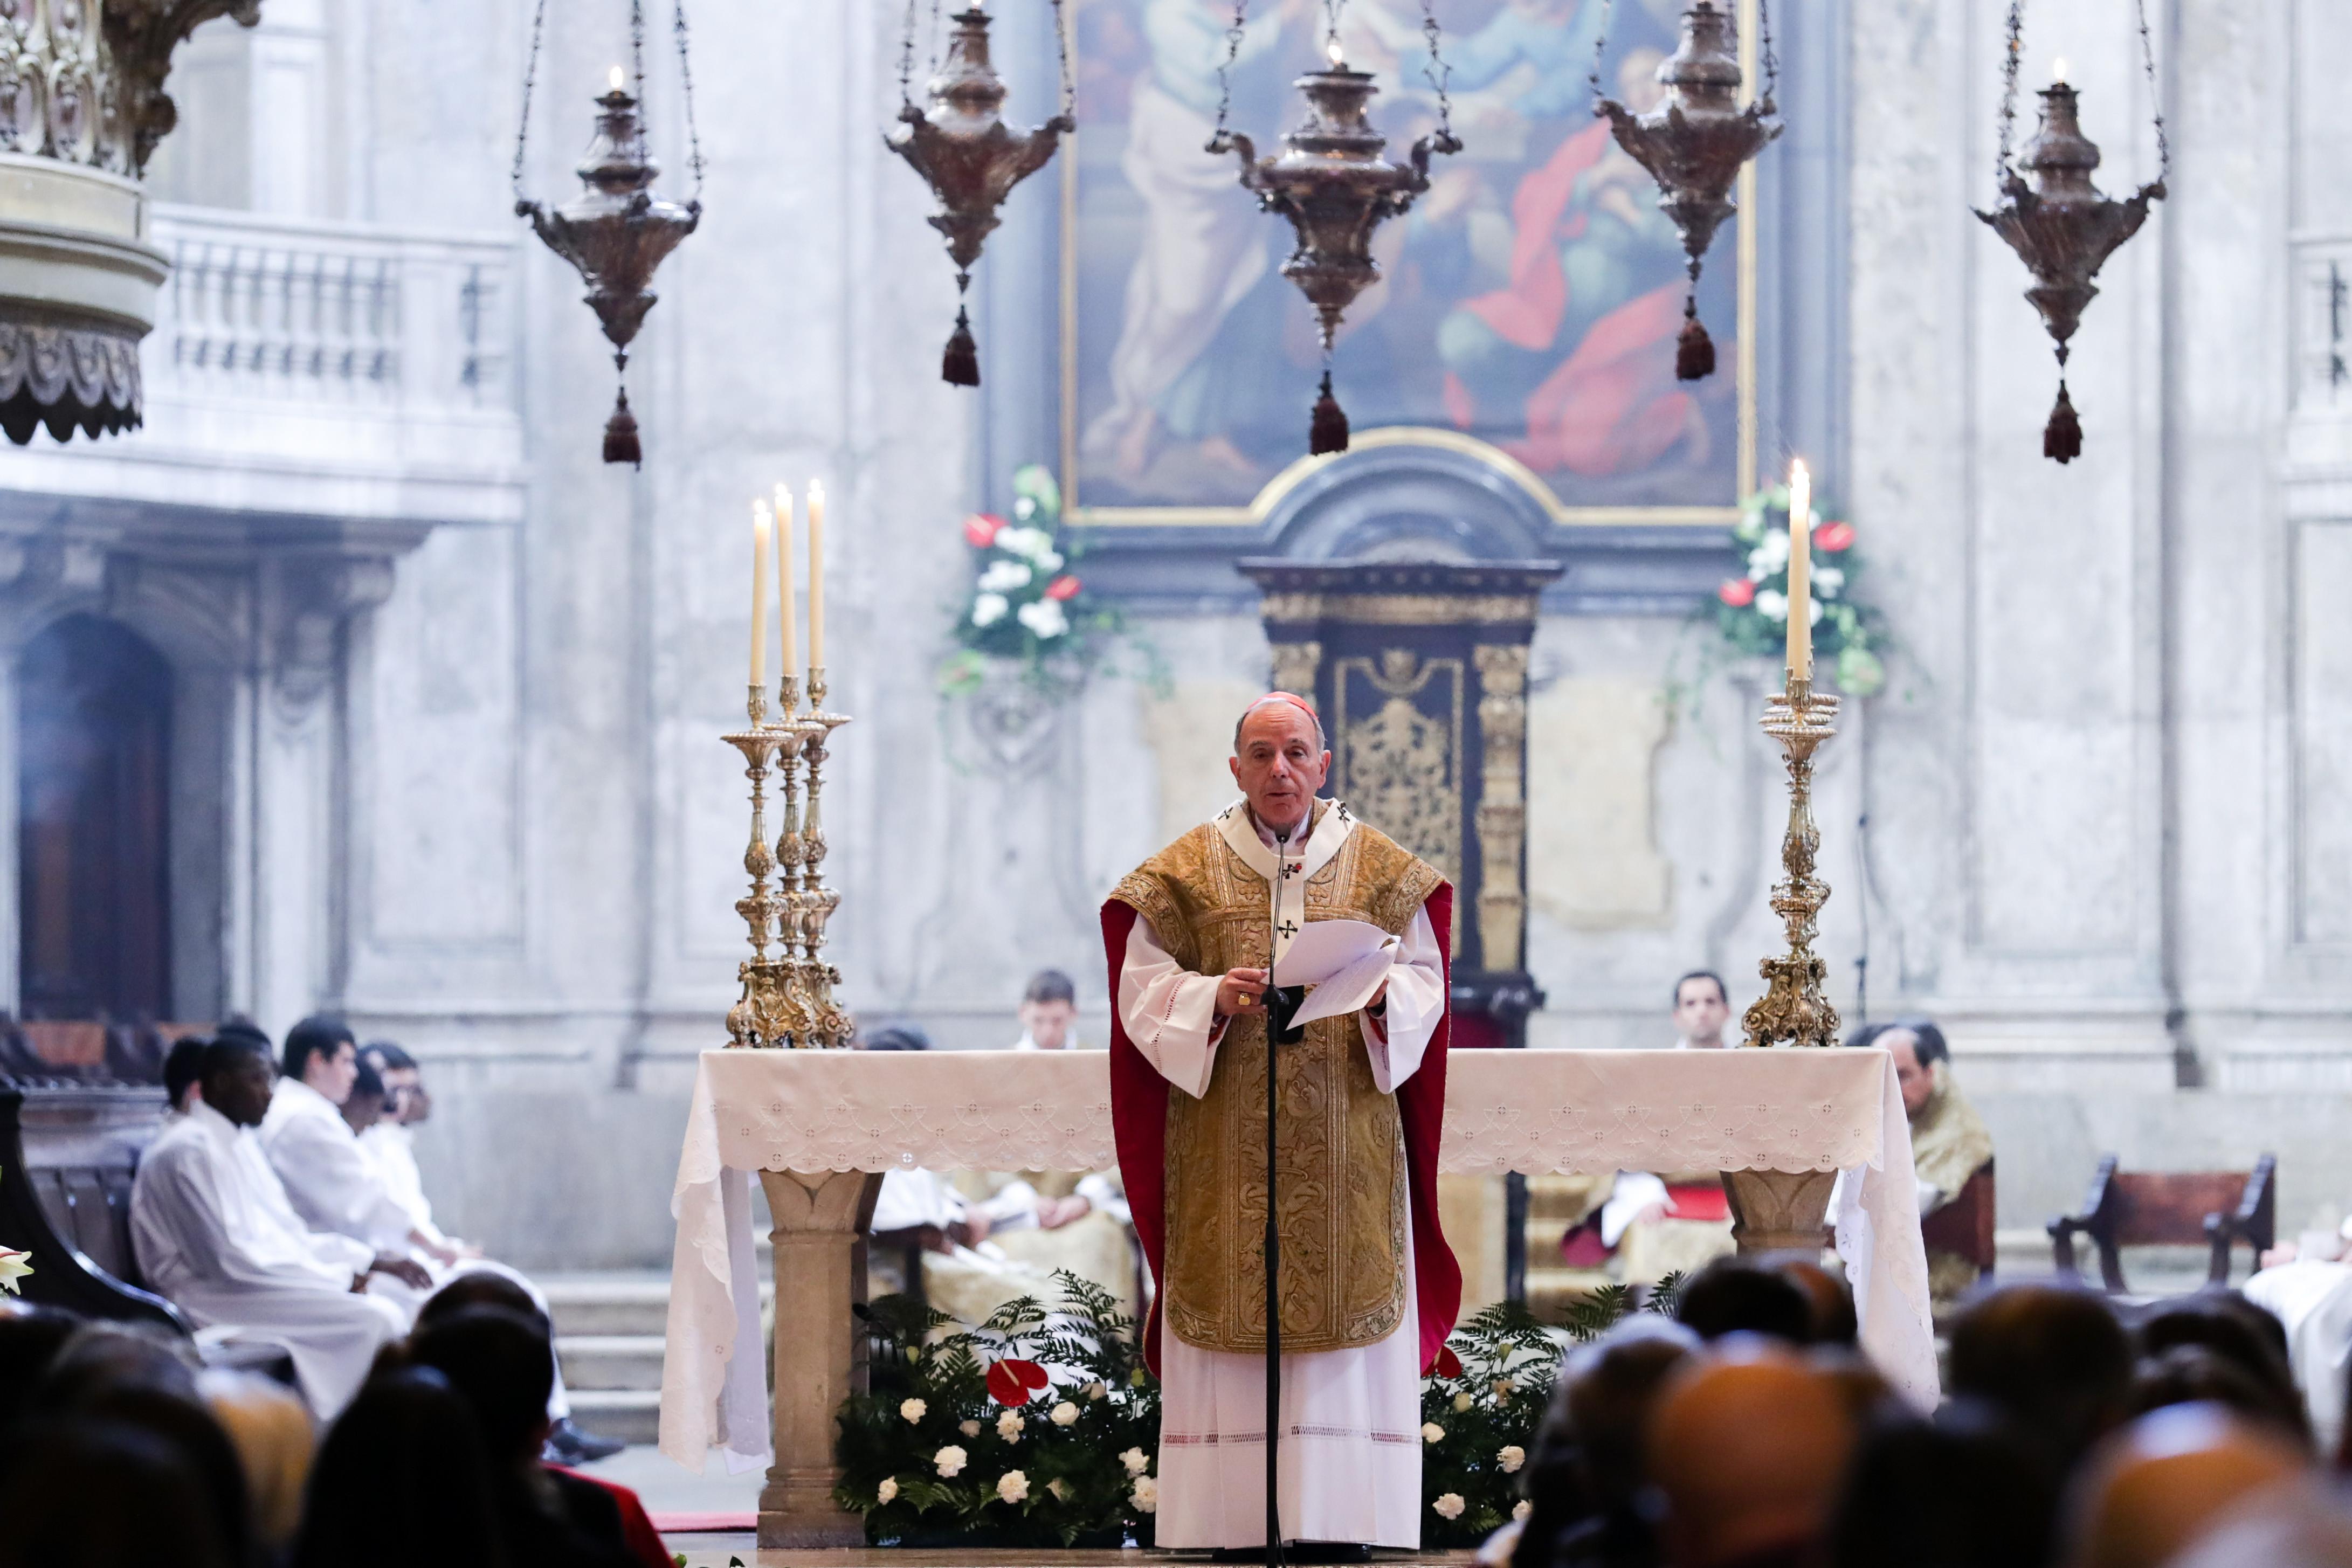 Cardeal-Patriarca anuncia comissão de menores para breve